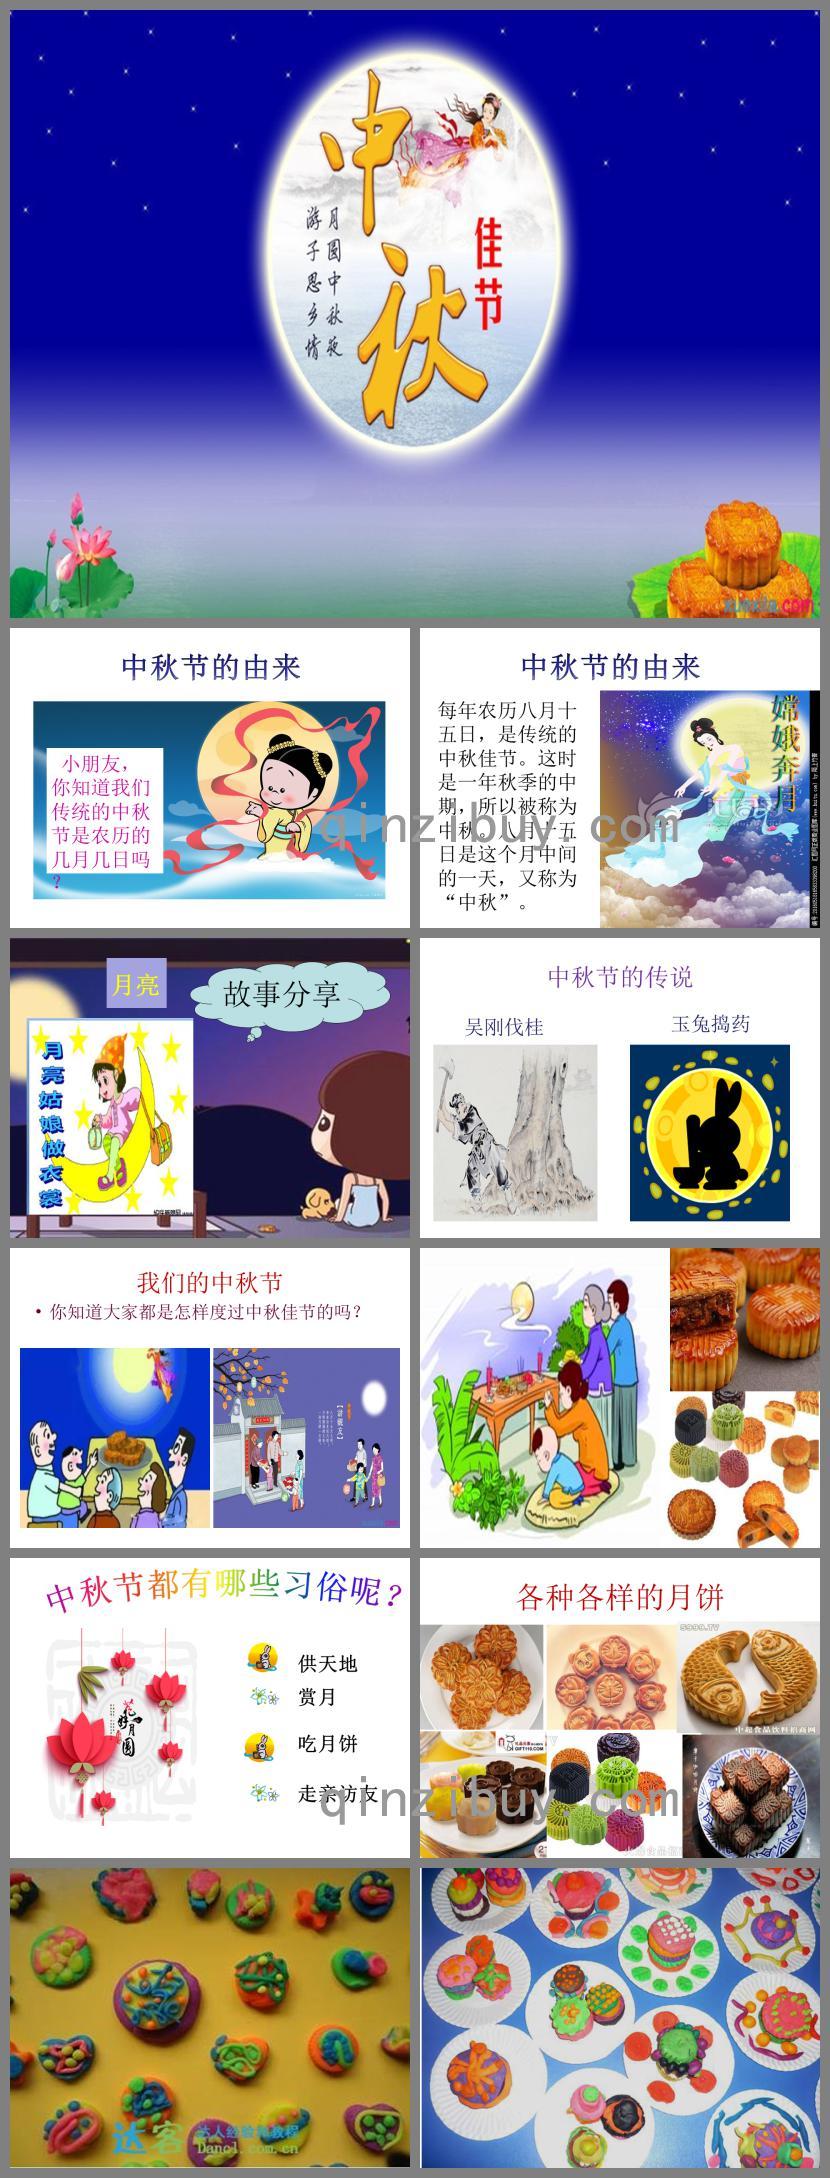 幼儿园中秋节主题活动PPT课件